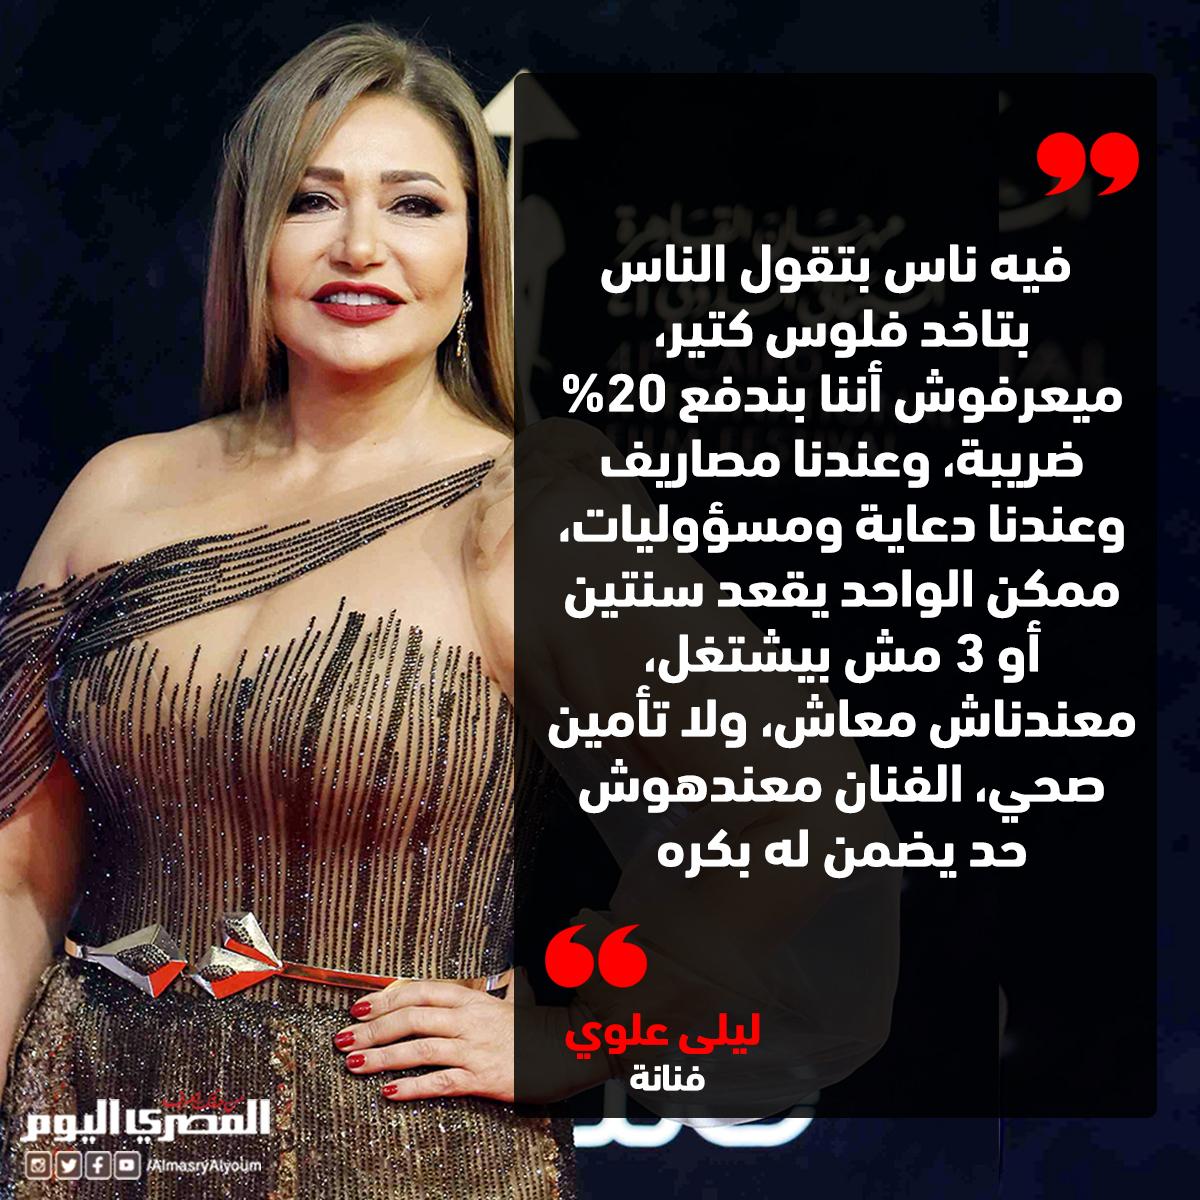 تصريحات للفنانة ليلى علوي في لقاء قديم مع الإعلامية بوسي شلبي، ردت فيه على منتقدي ارتفاع أجرها المادي